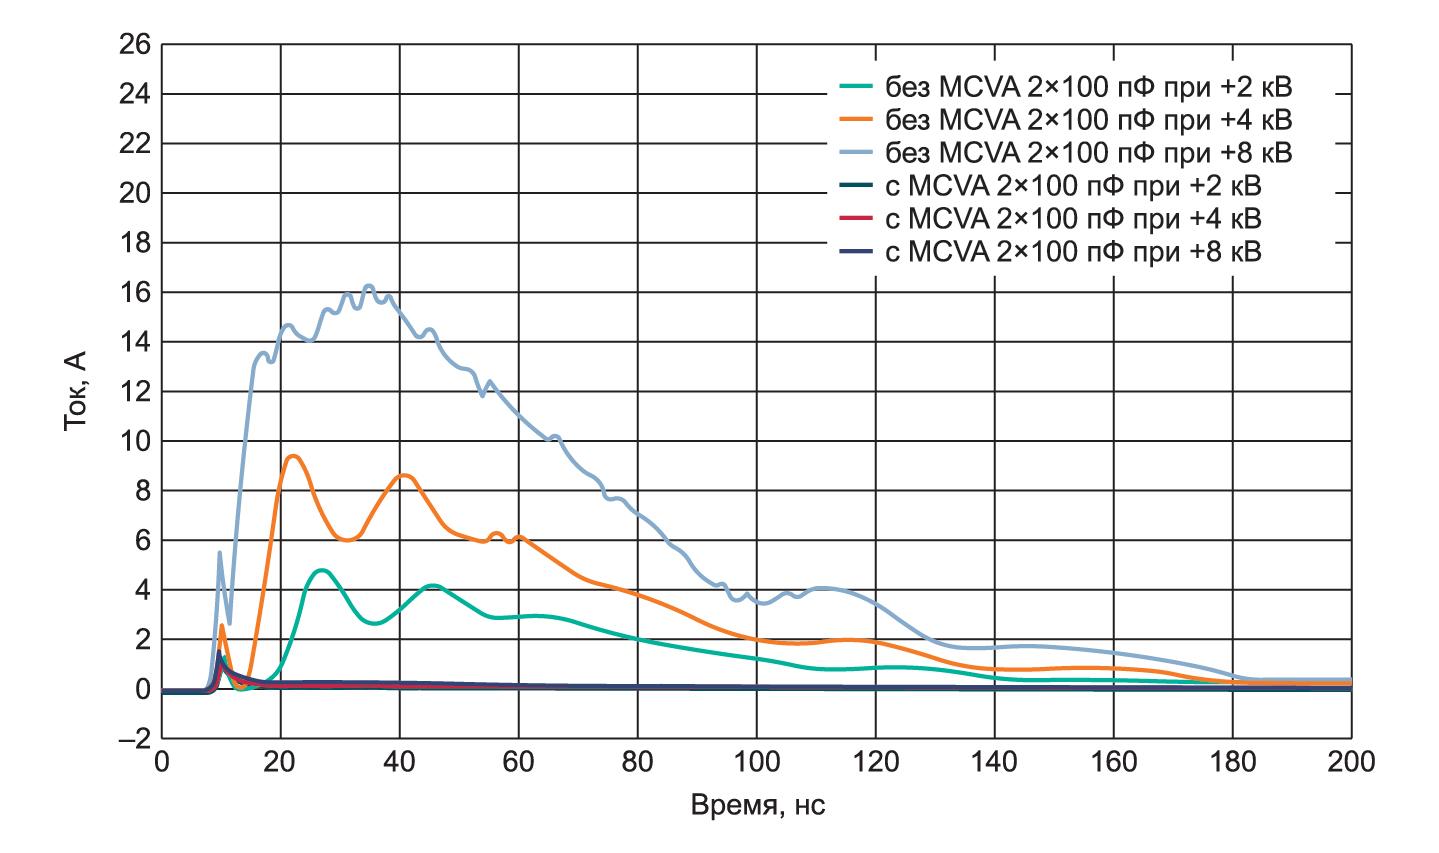 Кривые измерения тока ESD-разряда, демонстрирующие его подавление с помощью согласованных емкостных варисторных матриц